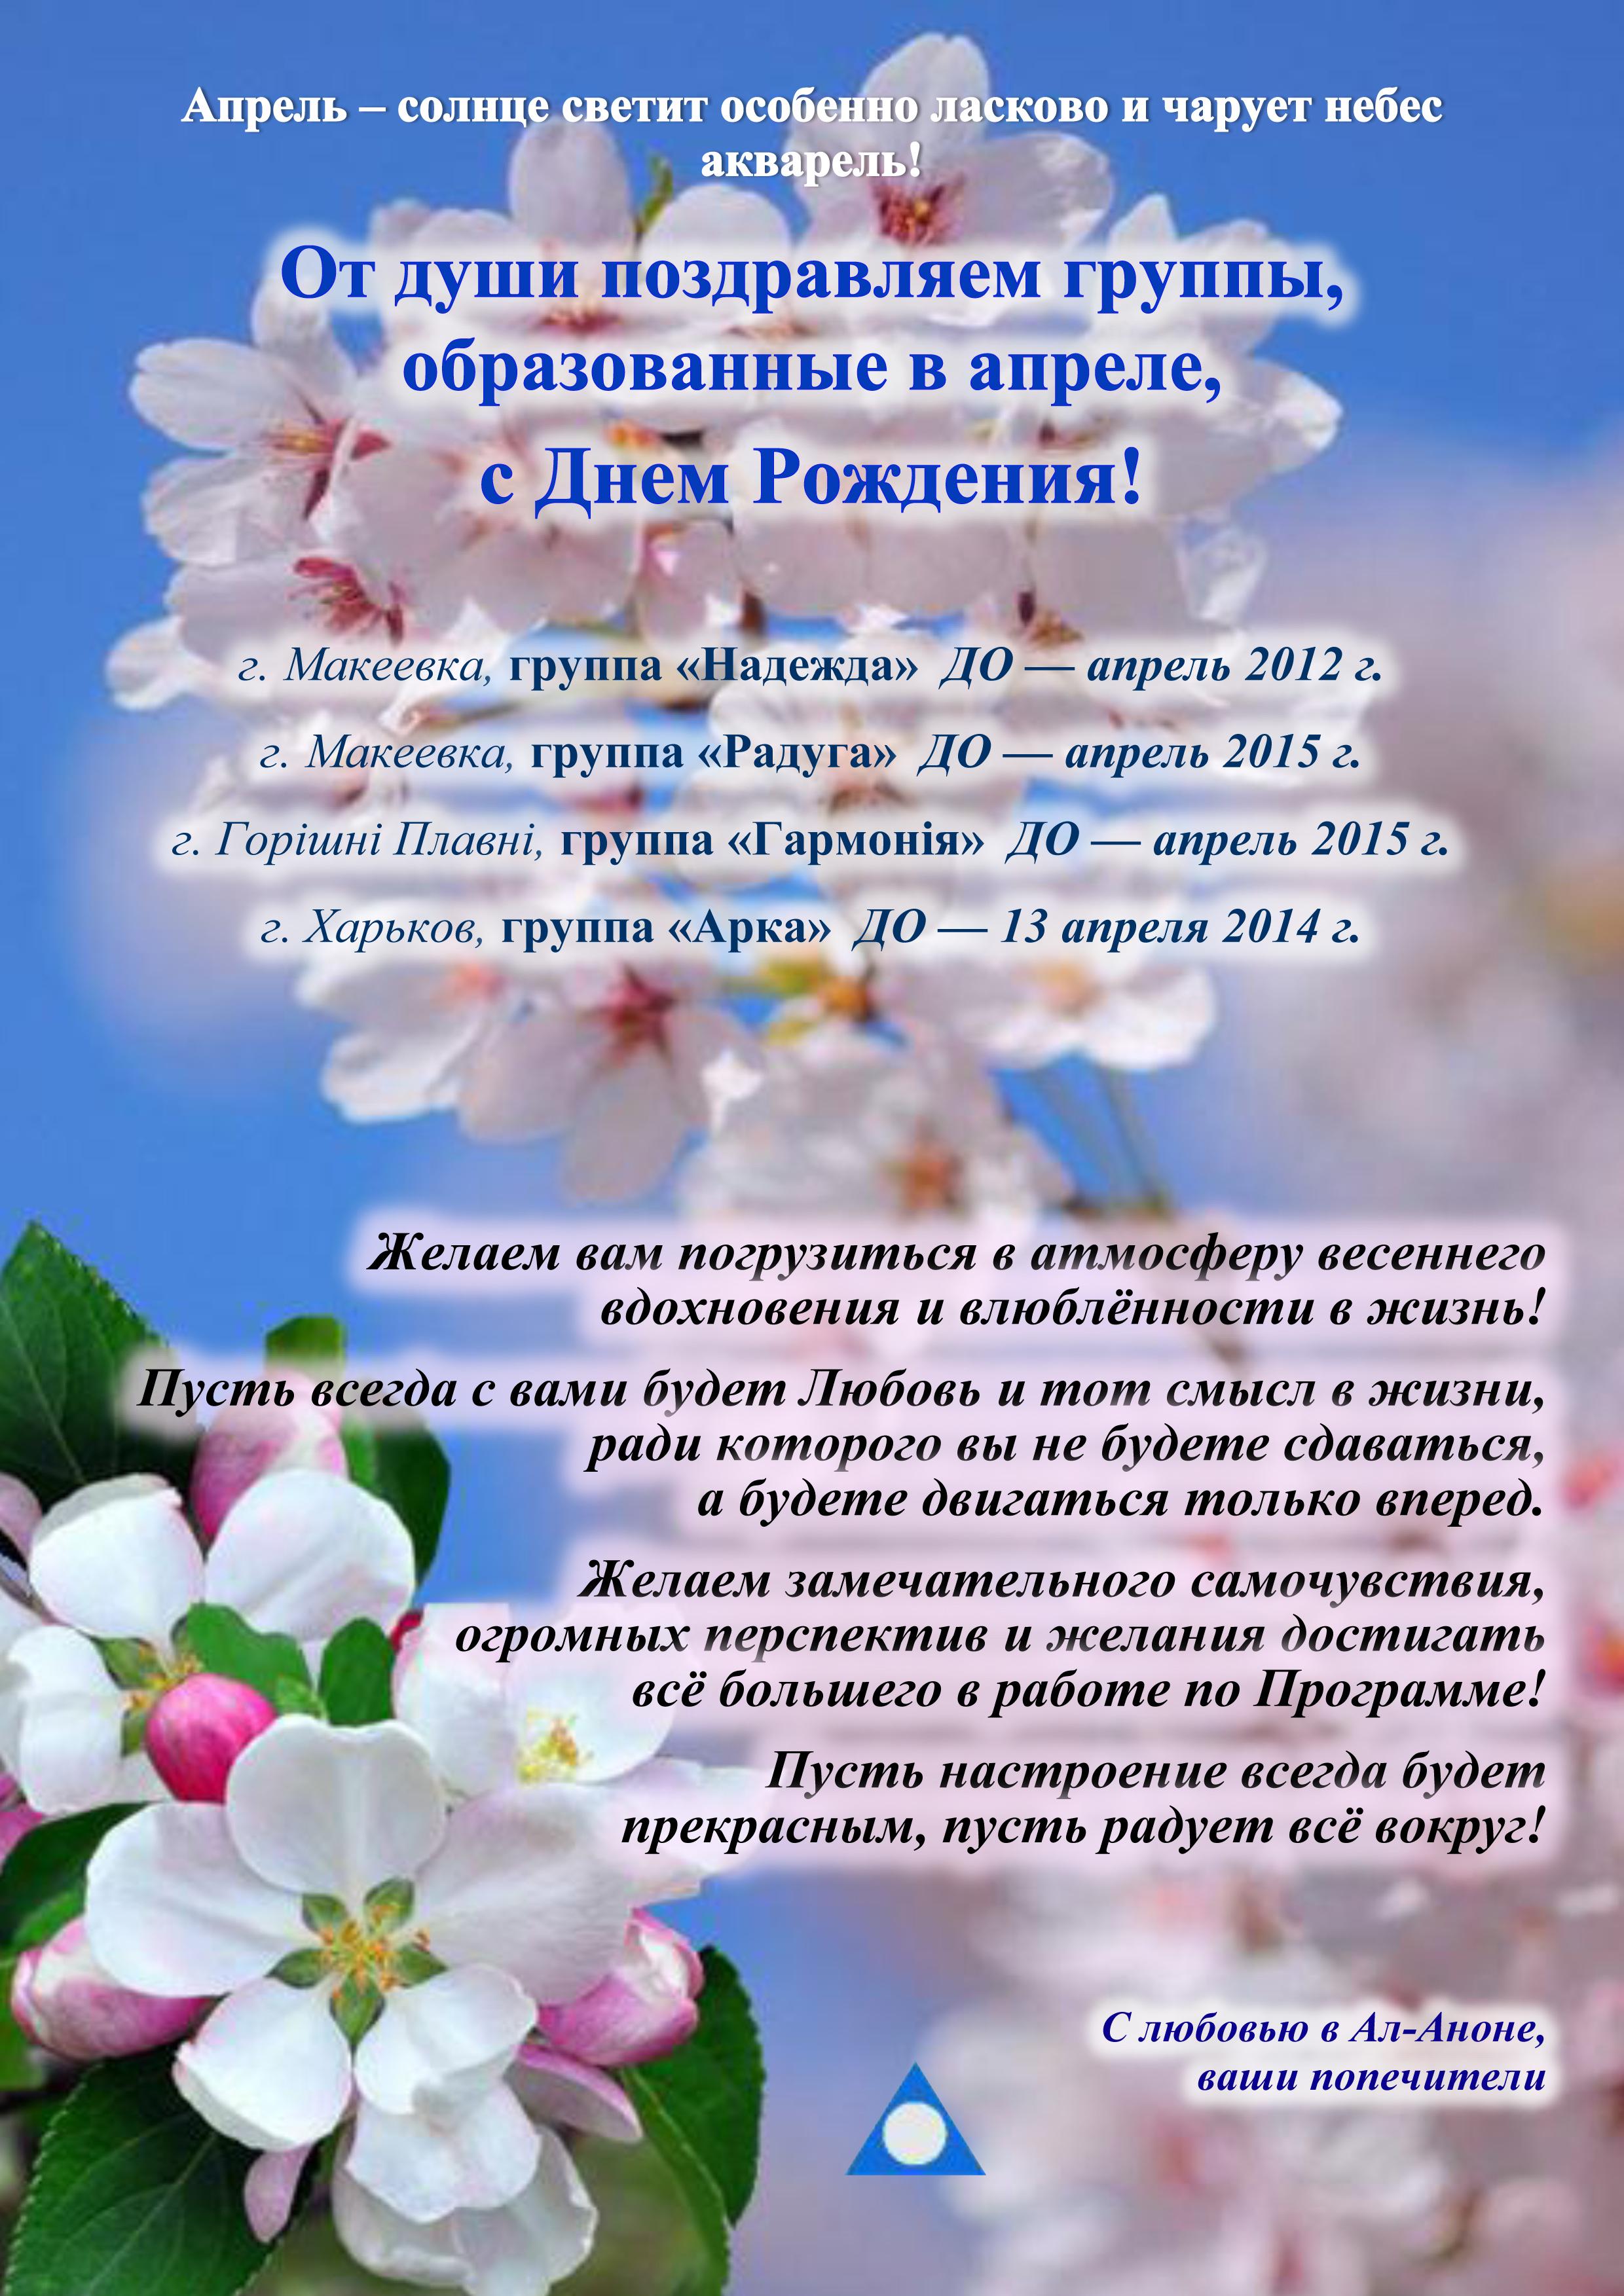 Поздравление_апрель